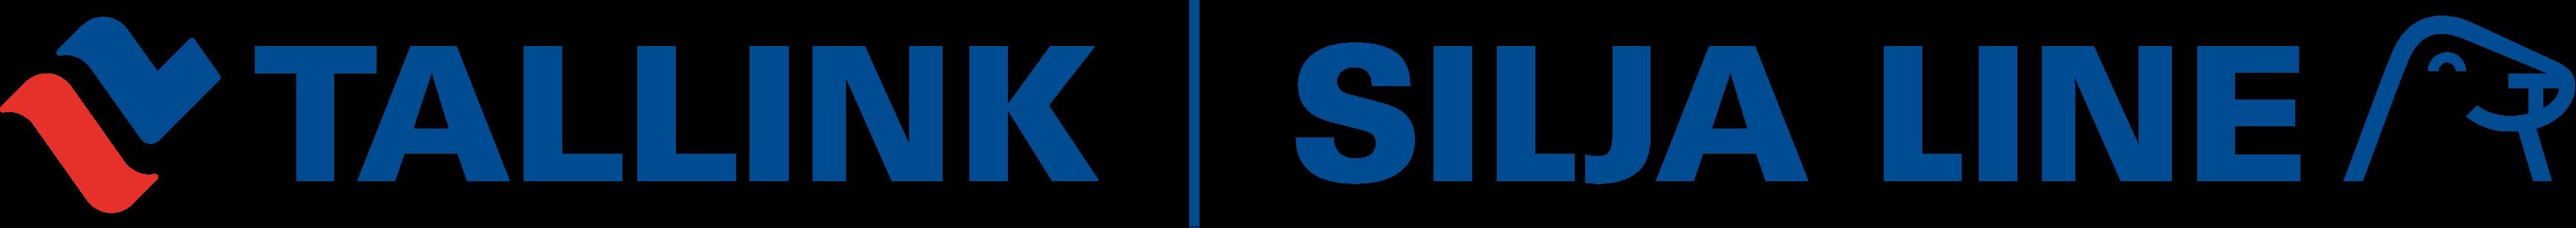 TallinkSilja